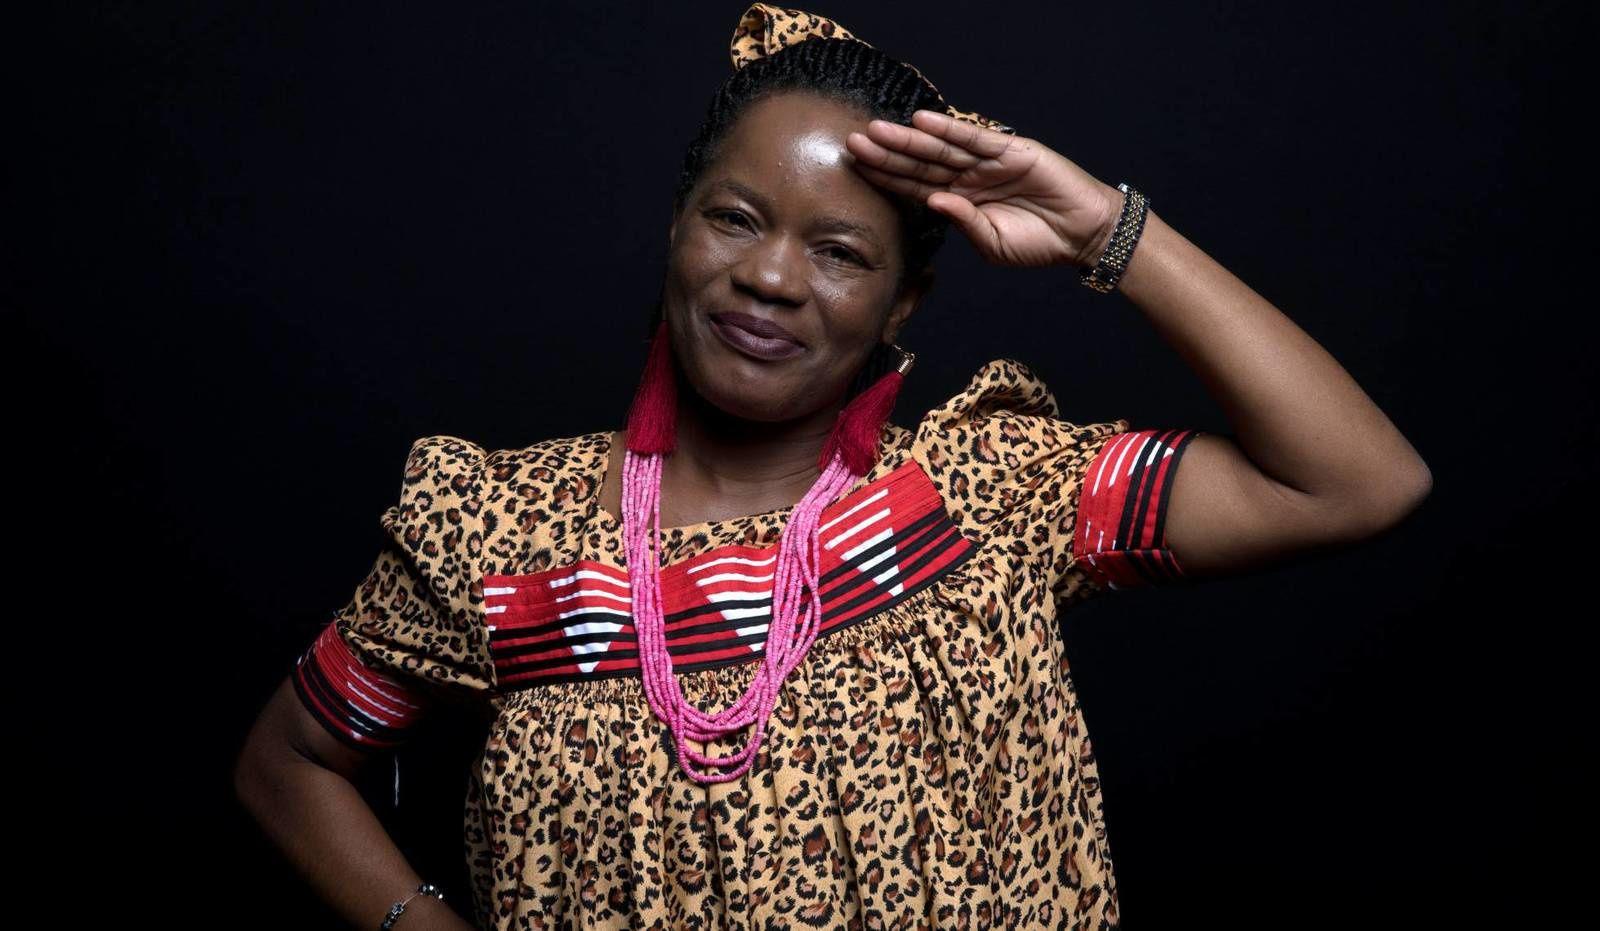 Nelago Kwedhi, primera mujer capitana de barco en Namibia, durante una visita a Madrid el 12 de marzo de 2019. Foto de Víctor Sainz.- El Muni.